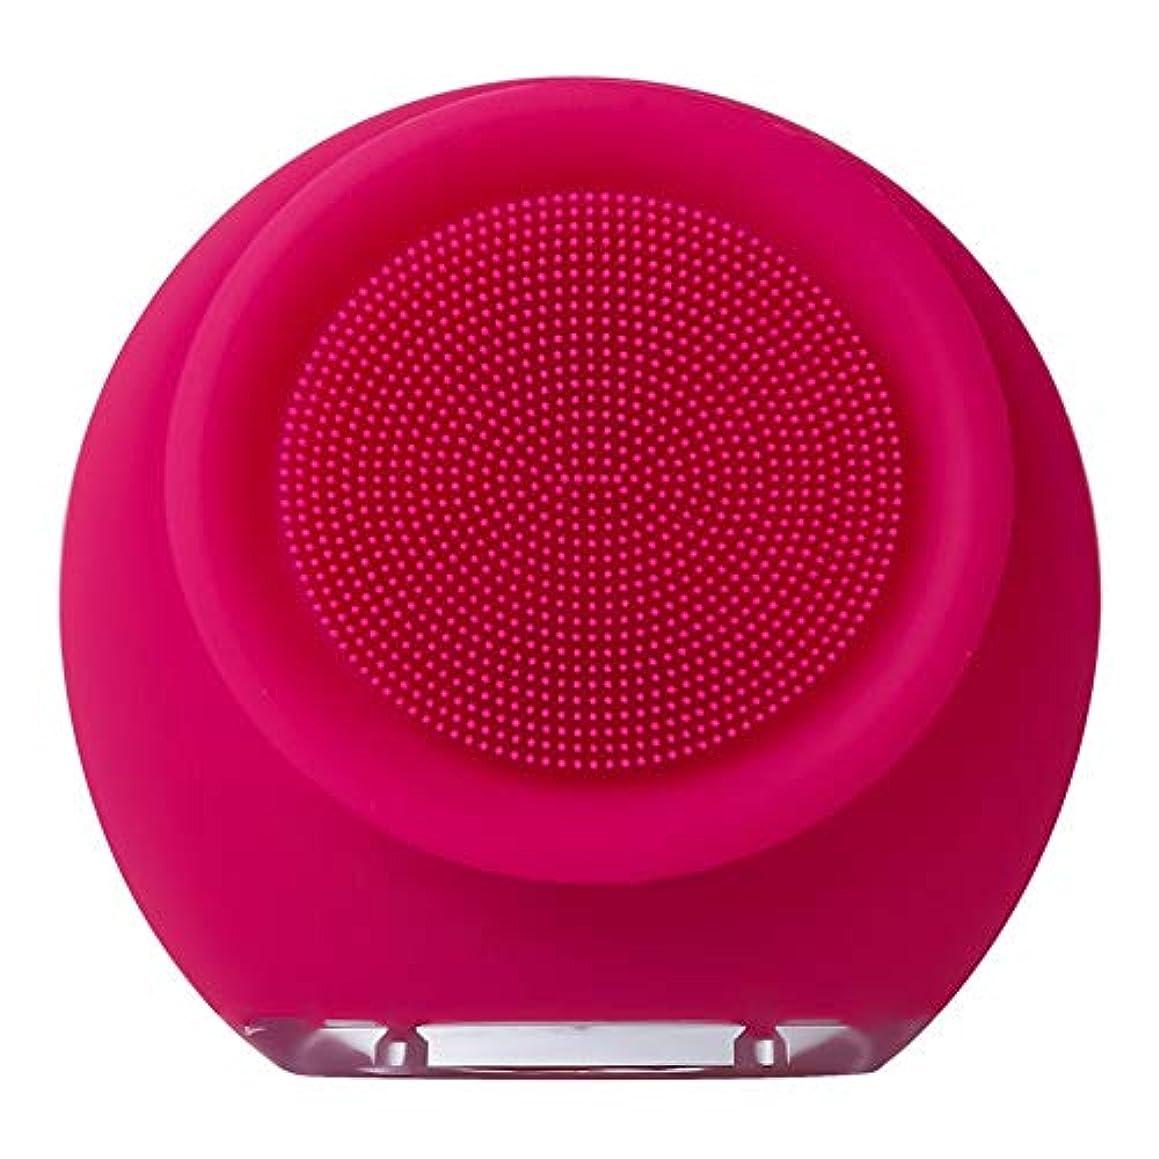 ディレクターペンアンテナZHILI フェイスクリーナー防水電動フェイスクレンザーシリコンフェイシャルブラシマッサージャー削除肌にきびにきび毛穴美容ツール (Color : Pink2)